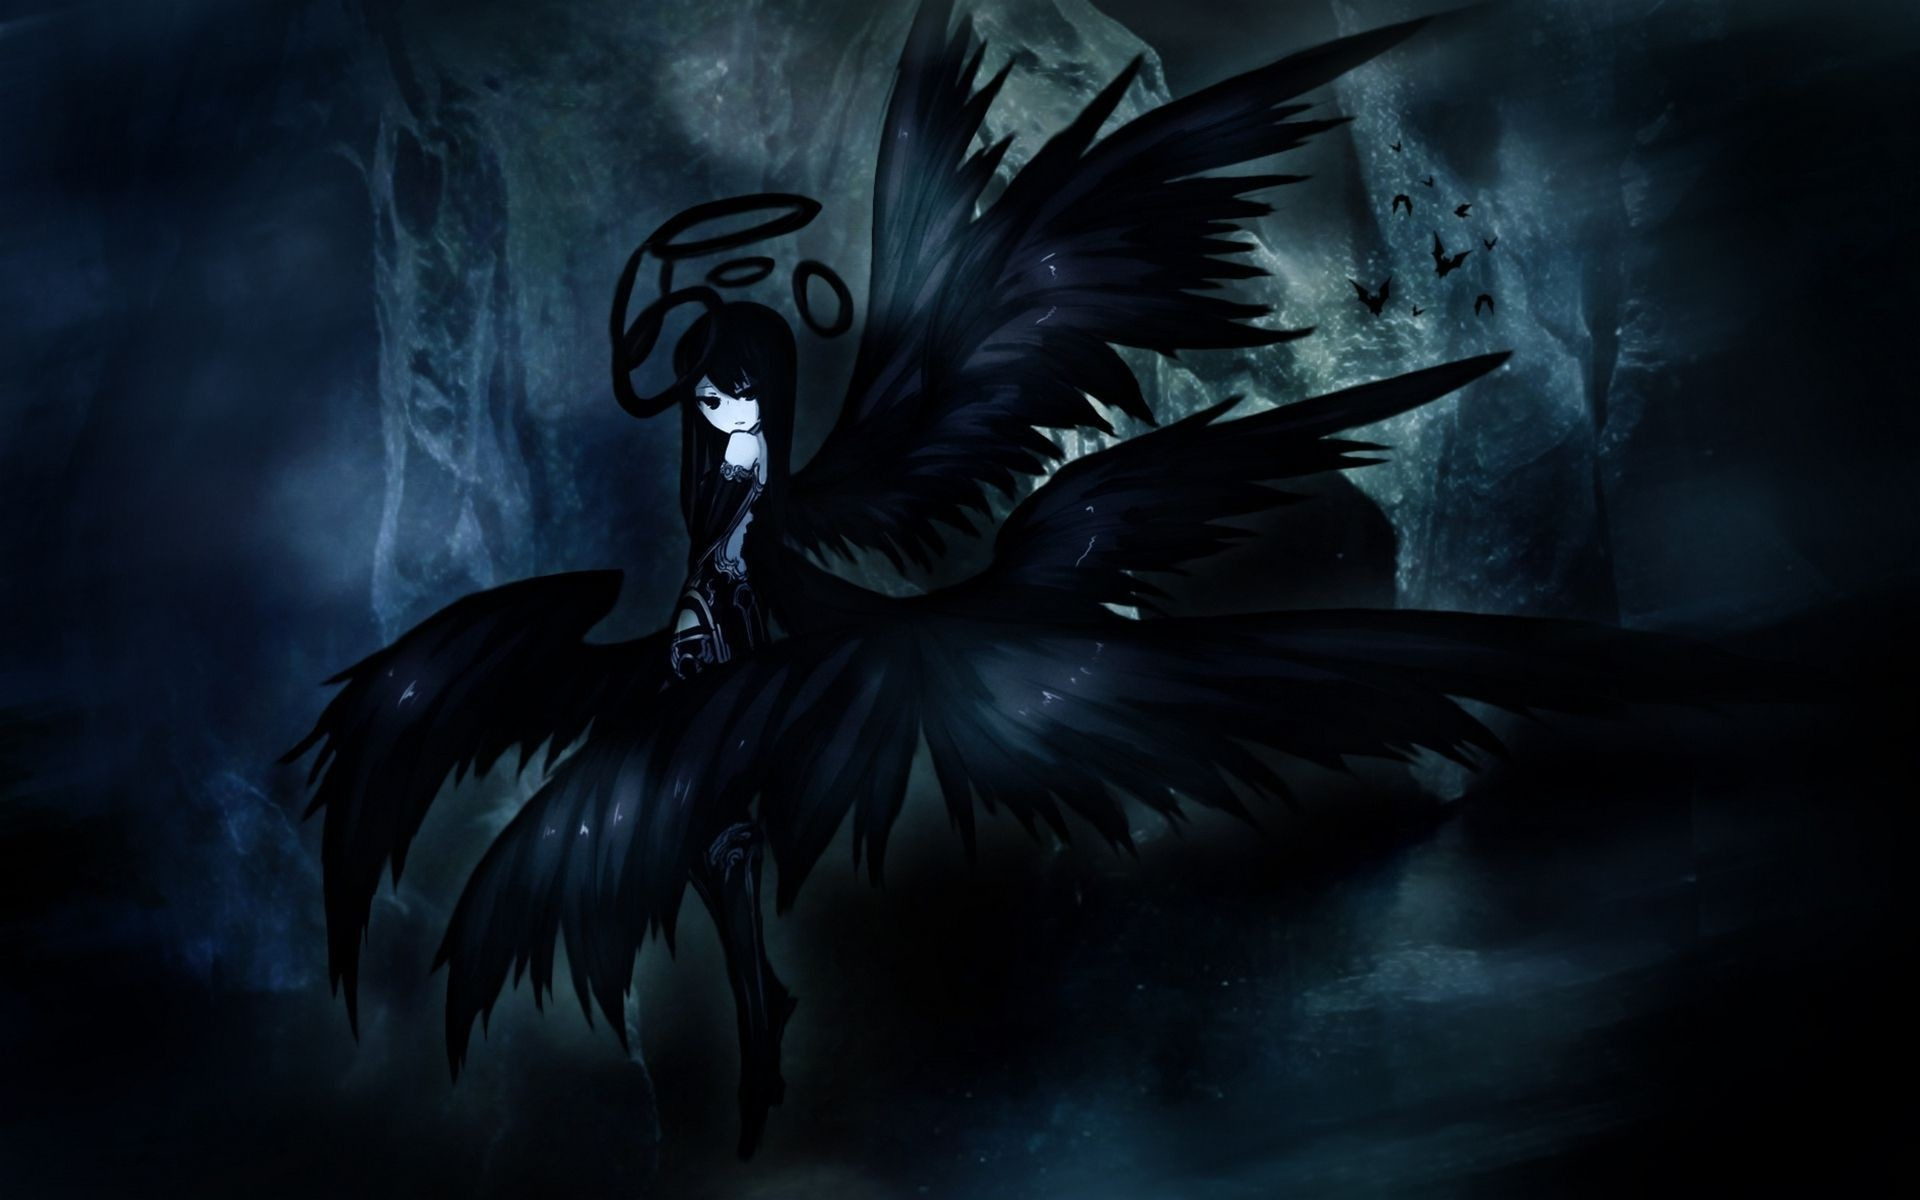 Dark anime wallpaper hd 66 images - Dark angel anime wallpaper ...